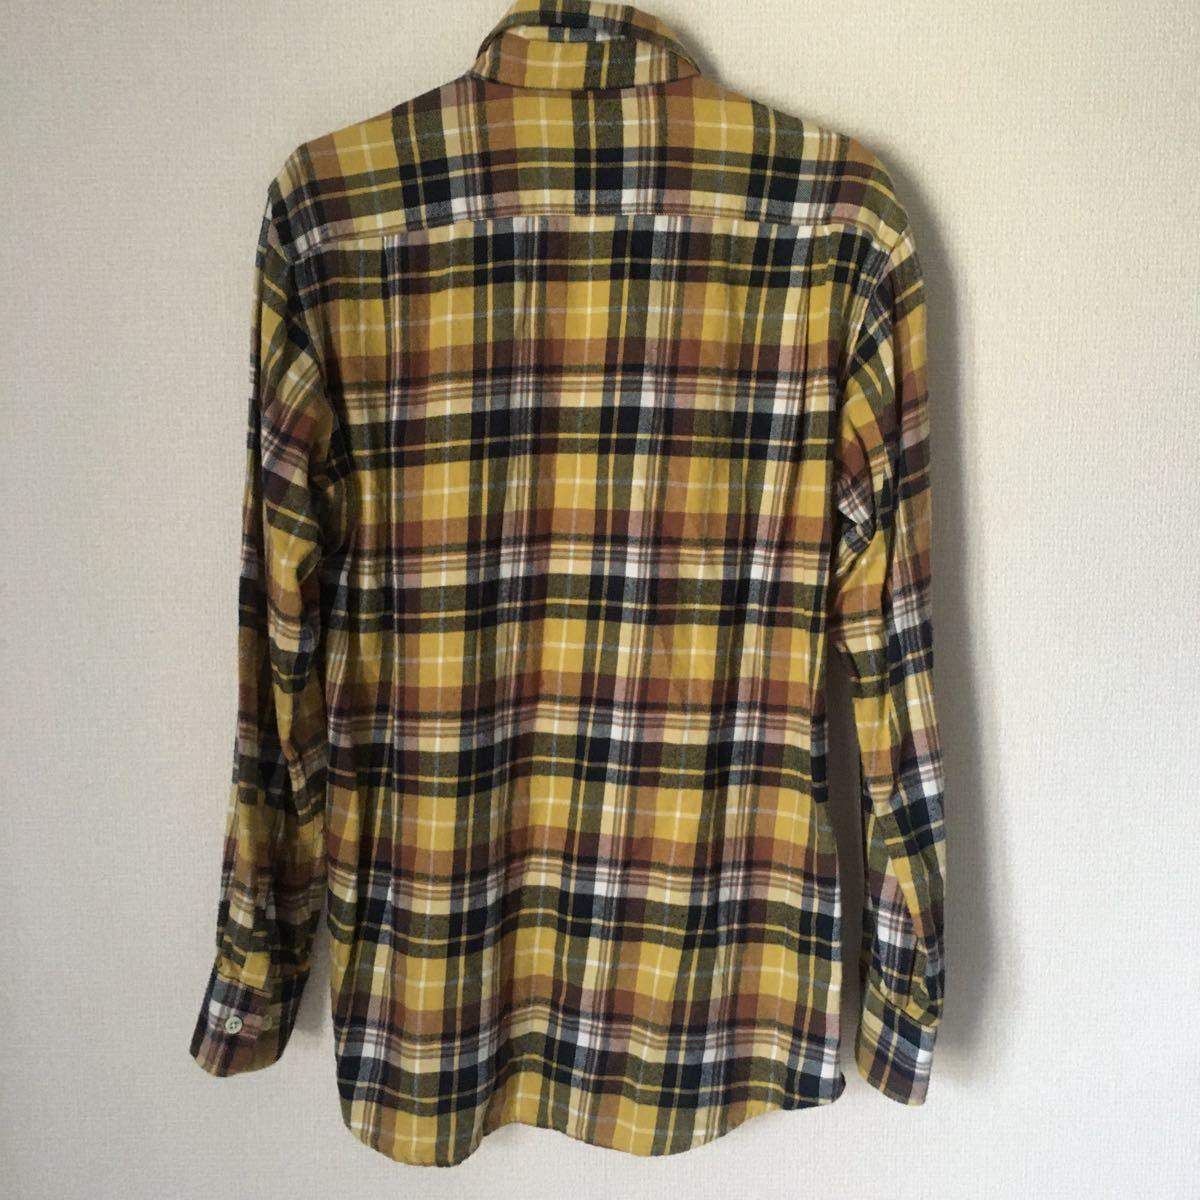 ネルシャツ チェックシャツ 長袖シャツ ユニクロ UNIQLO M